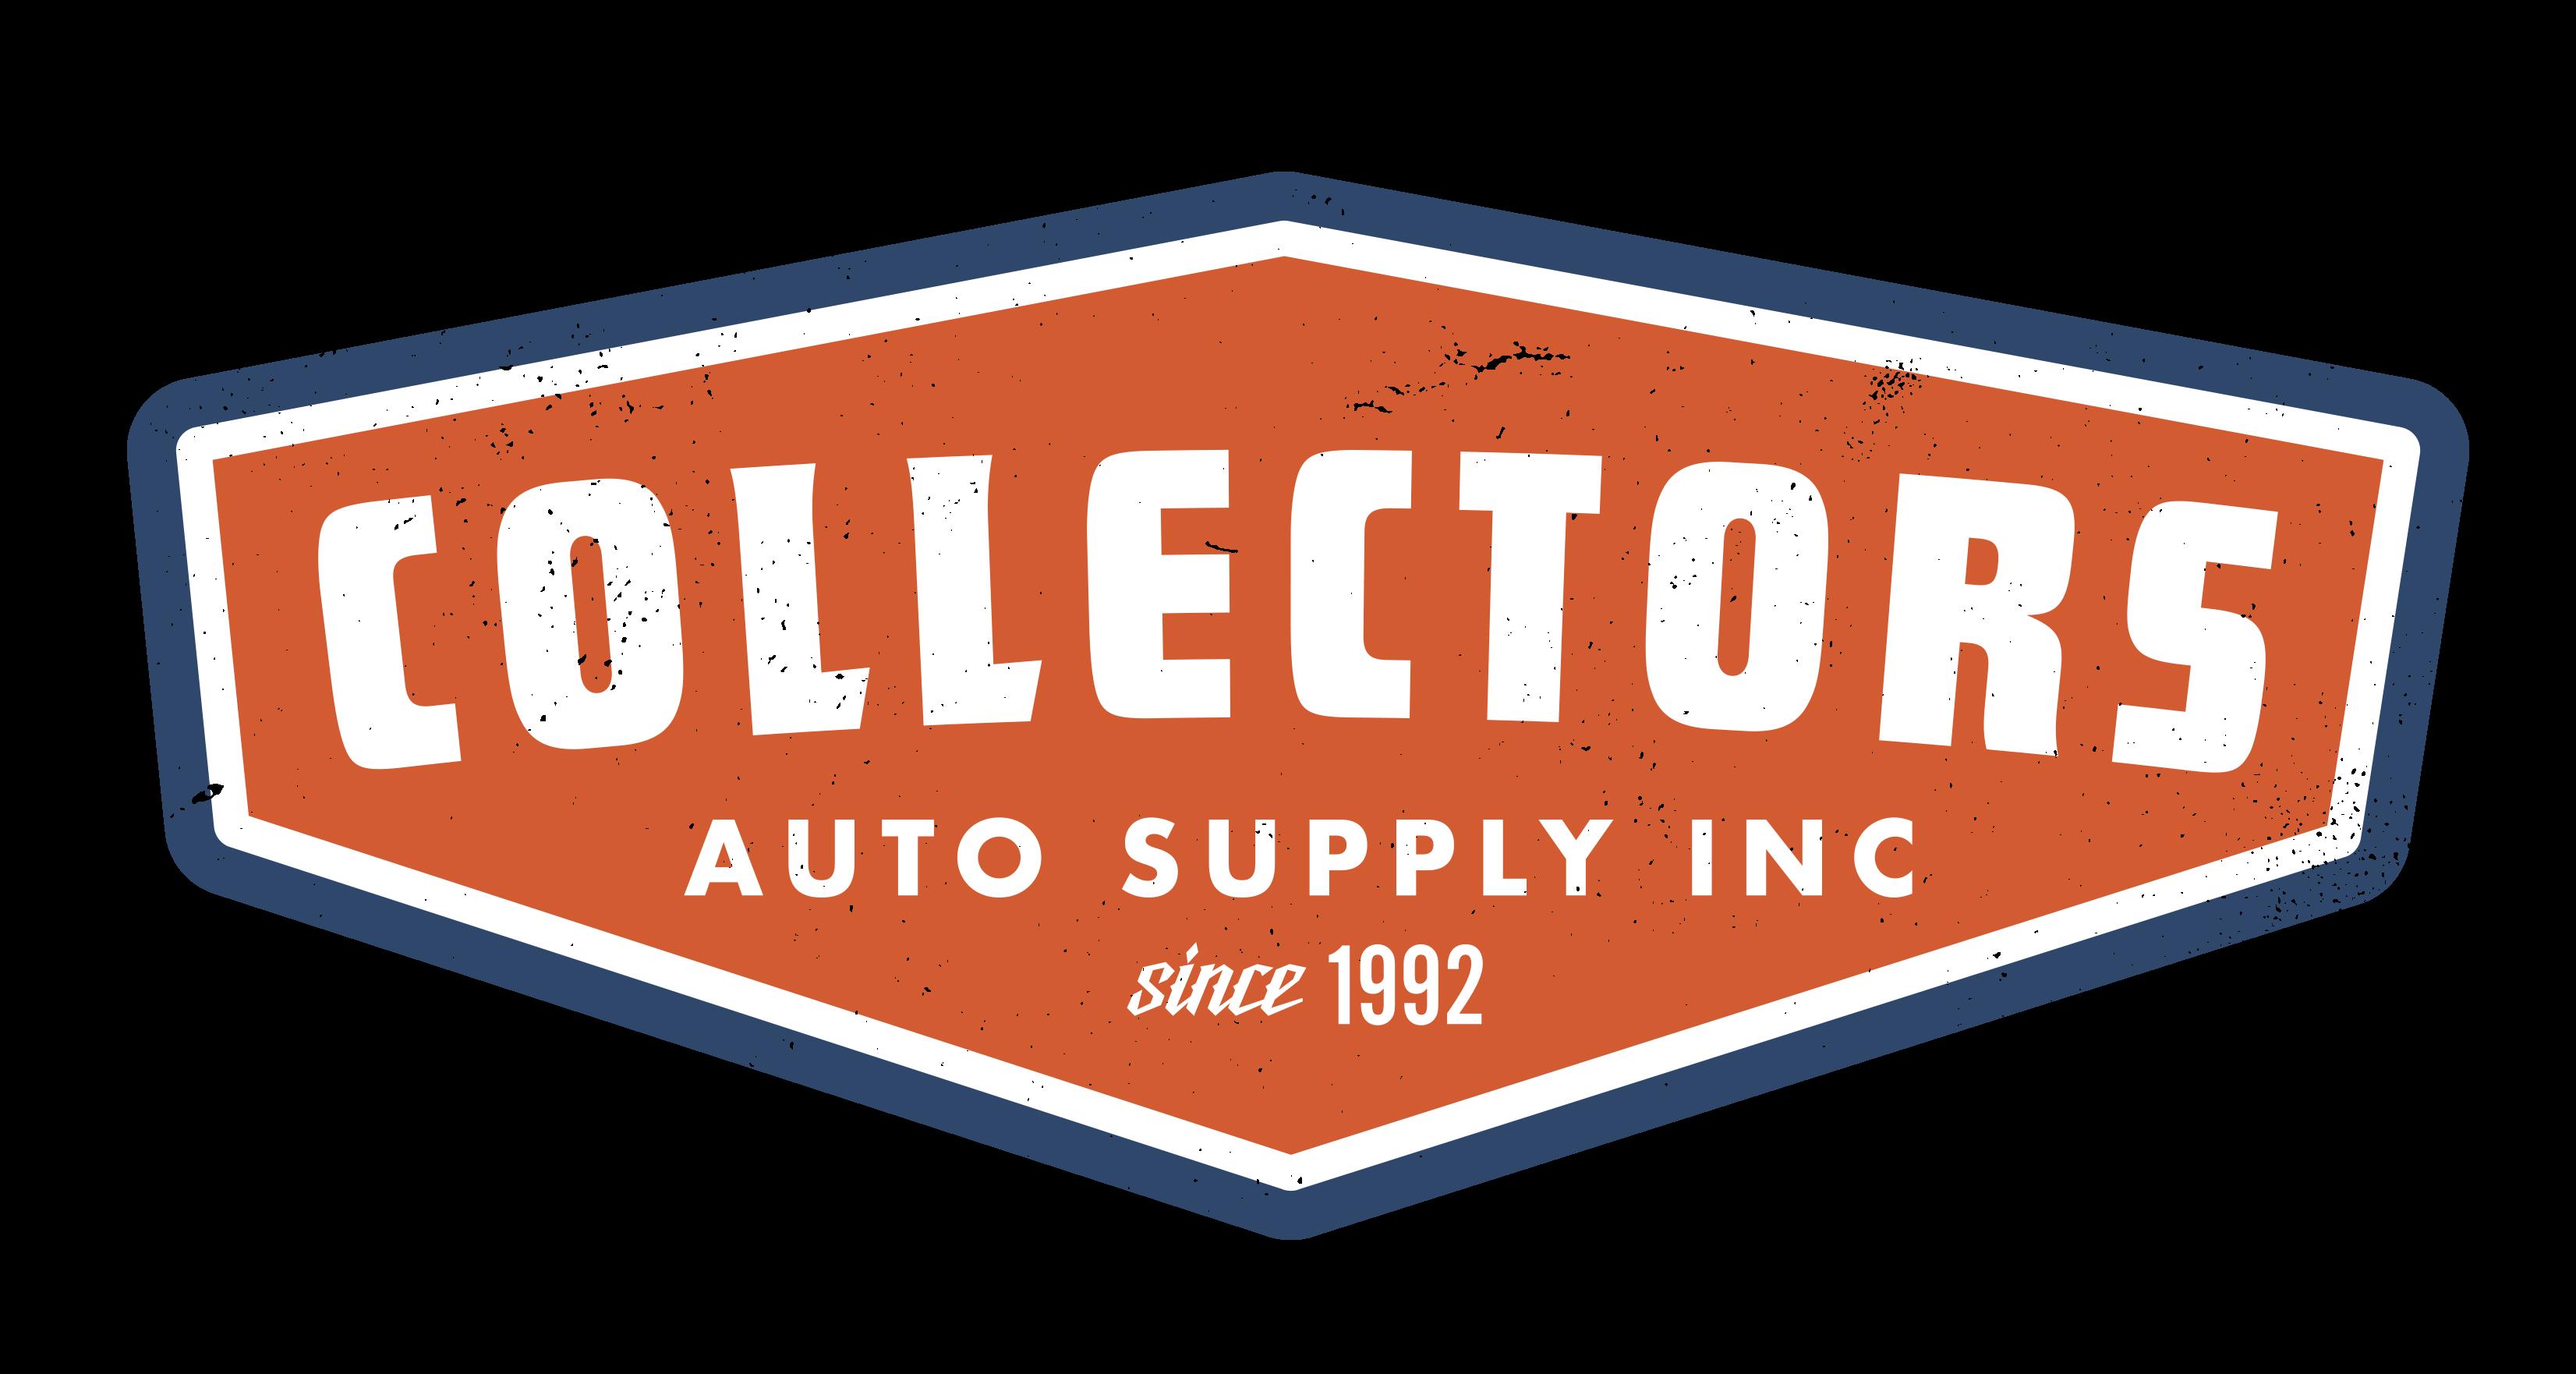 Collectors Auto Supply